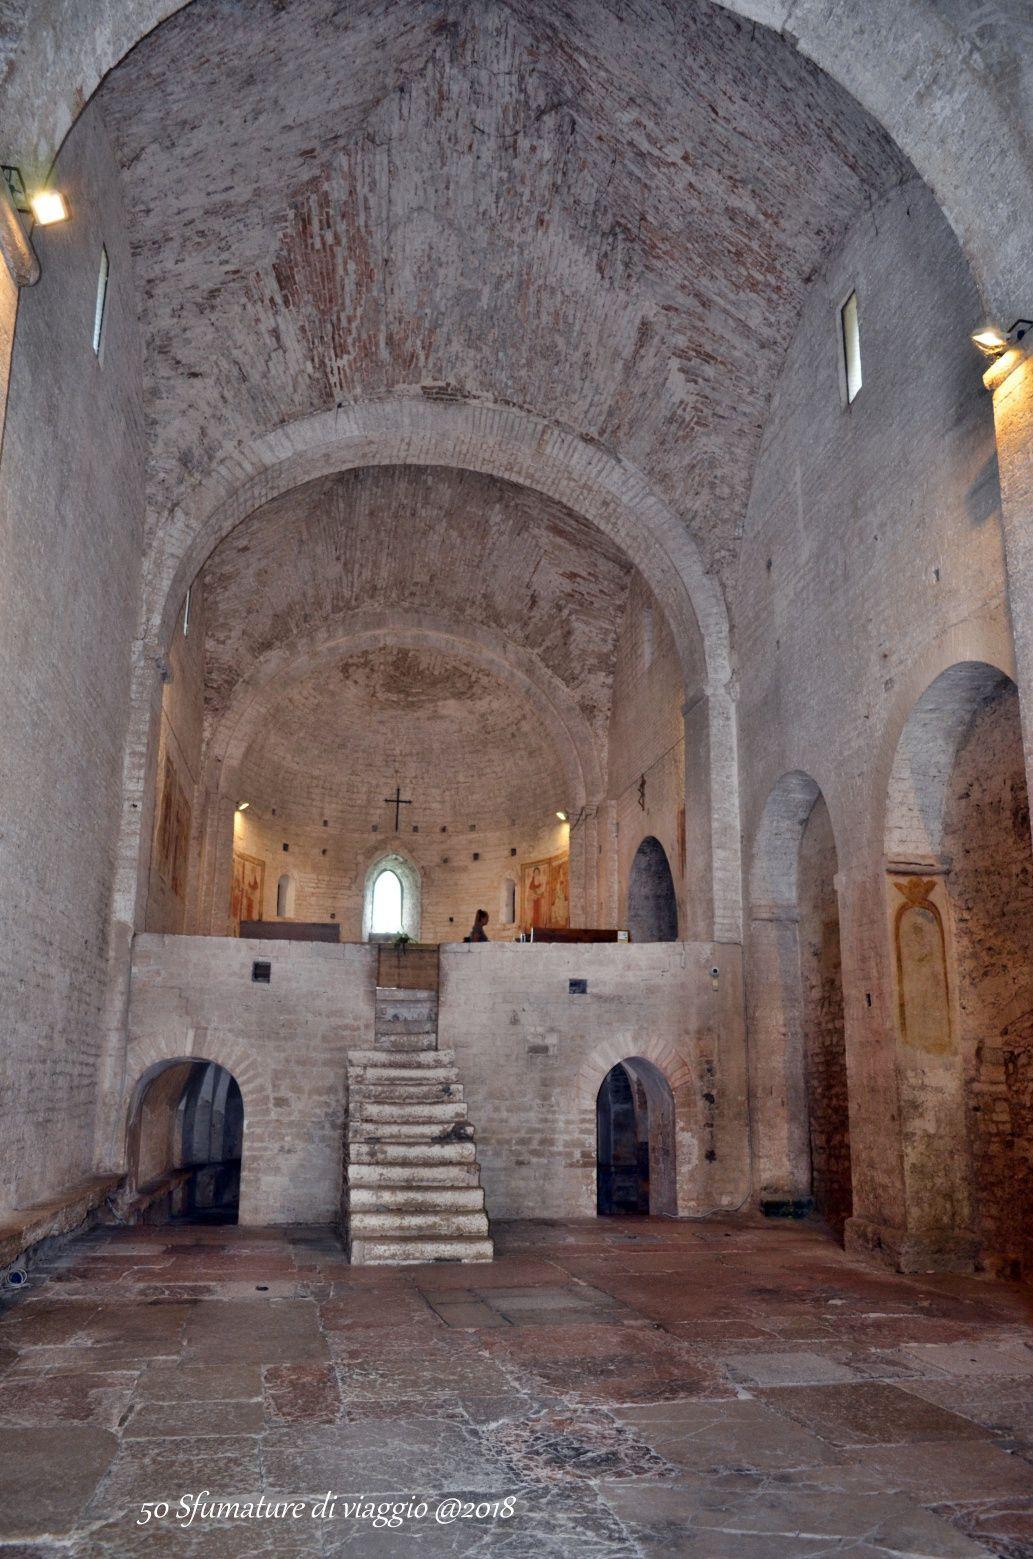 Acqualagna, abbazia di st vincenzo al furlo, italia